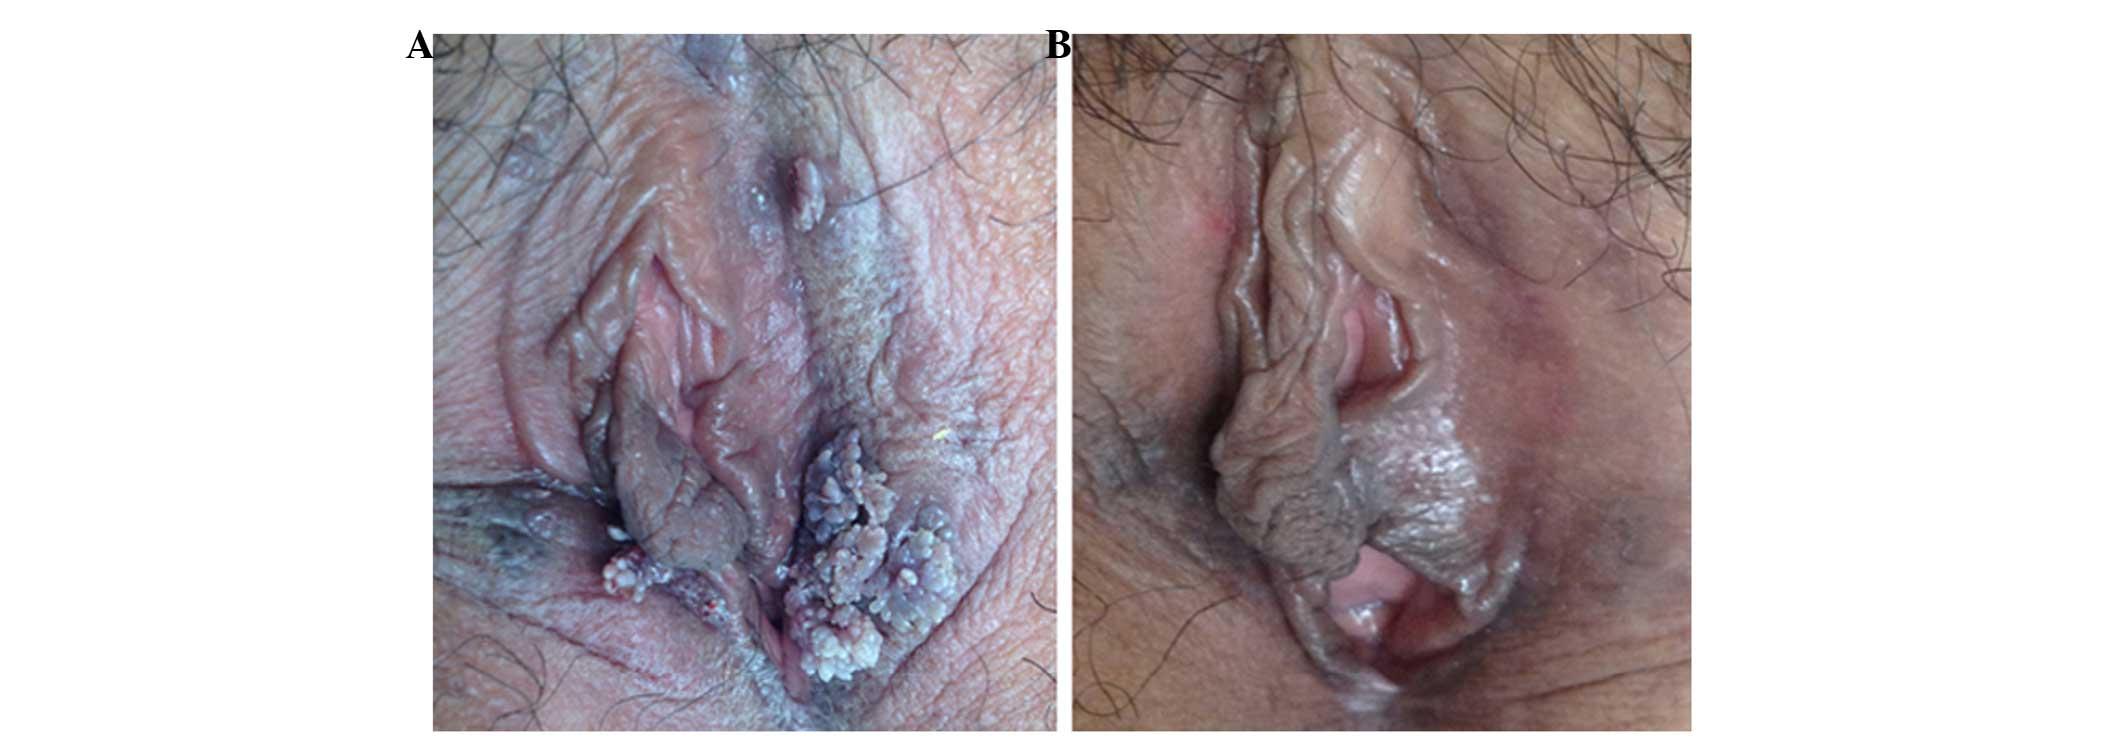 condilomul la o femeie doare papiloma virus femei